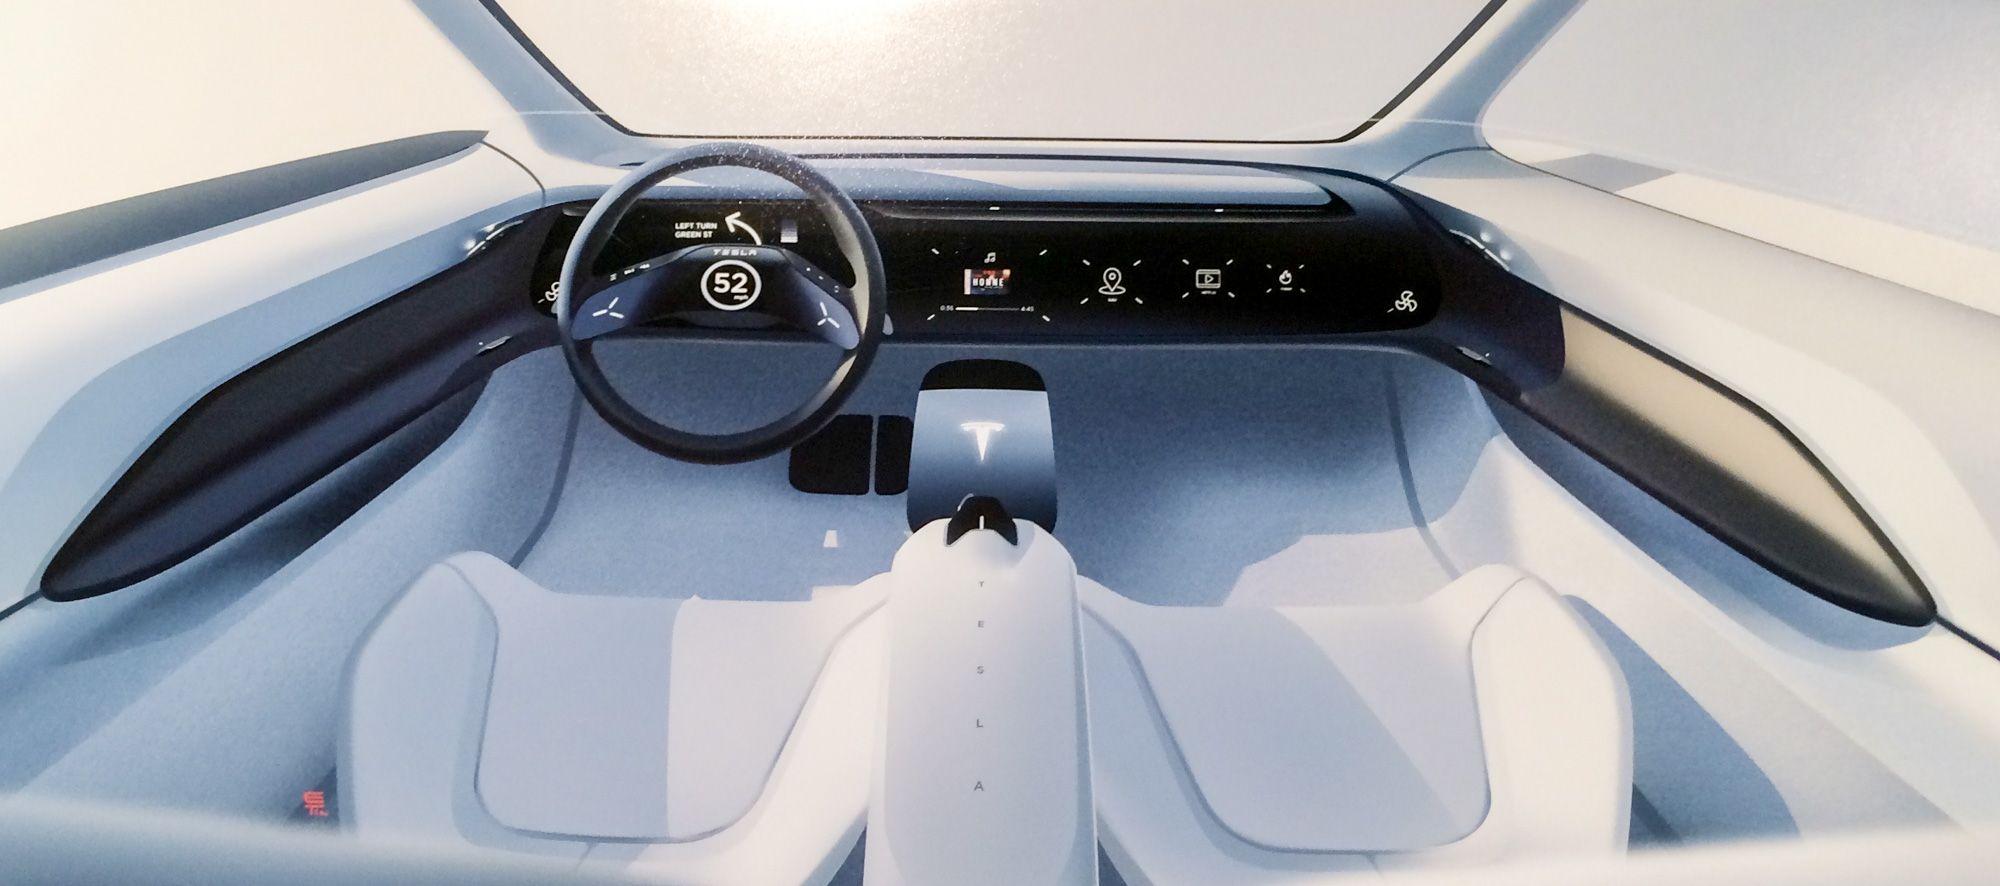 Pin von Josh Greiner auf car design | Pinterest